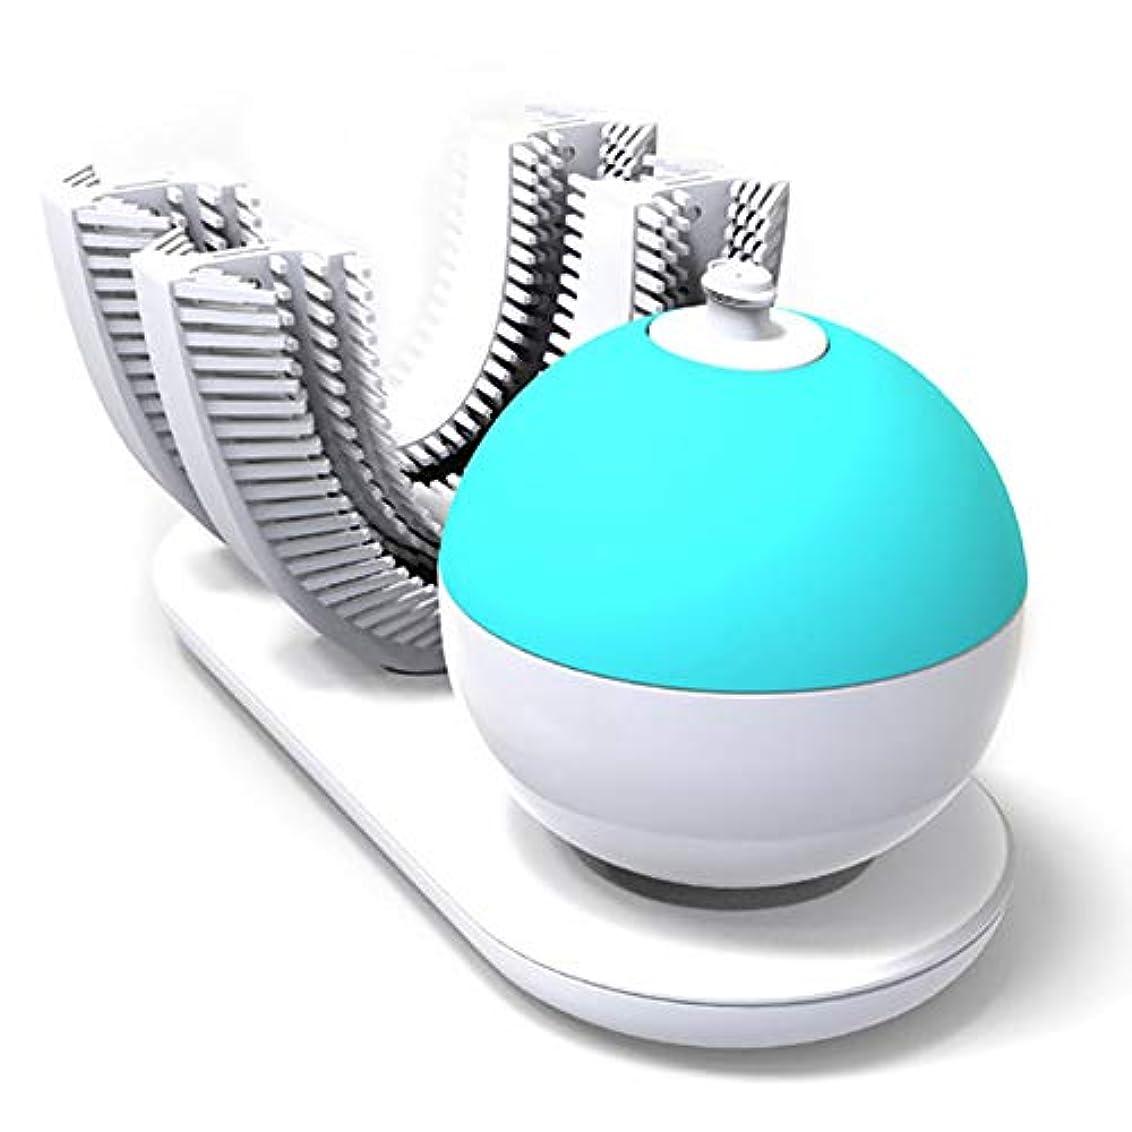 キュービック終わった走るフルオートマチック可変周波数電動歯ブラシ、自動360度U字型電動歯ブラシ、ワイヤレス充電IPX7防水自動歯ブラシ(大人用)